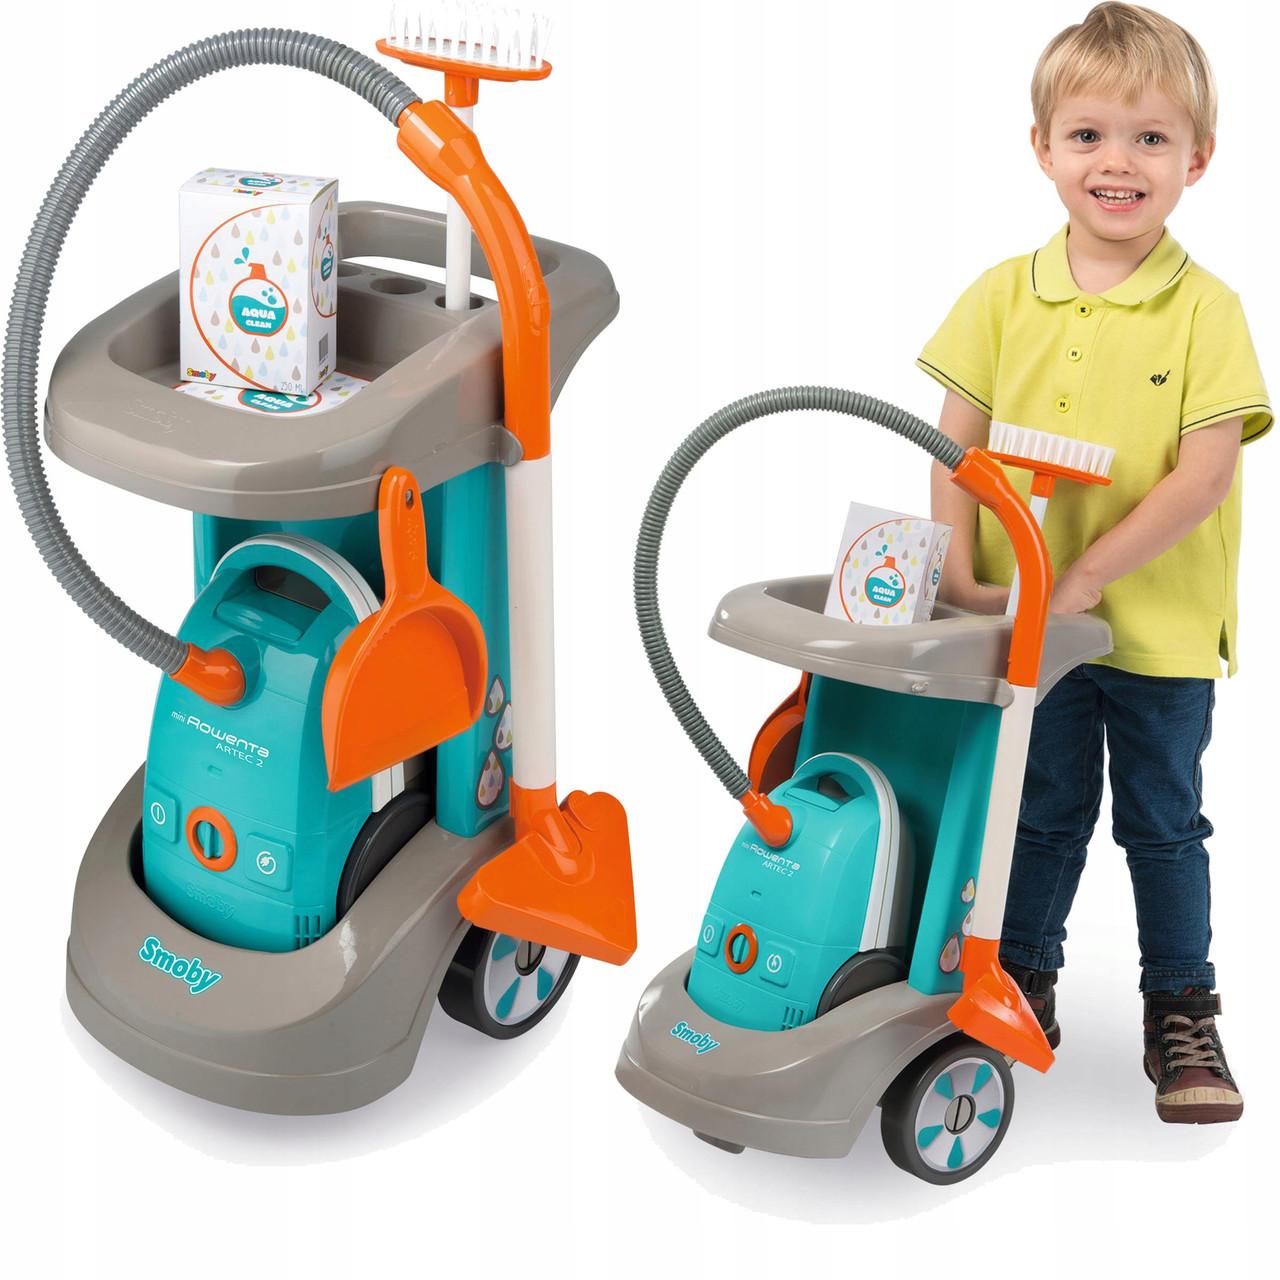 Детский игровой набор для уборки с тележкой Smoby